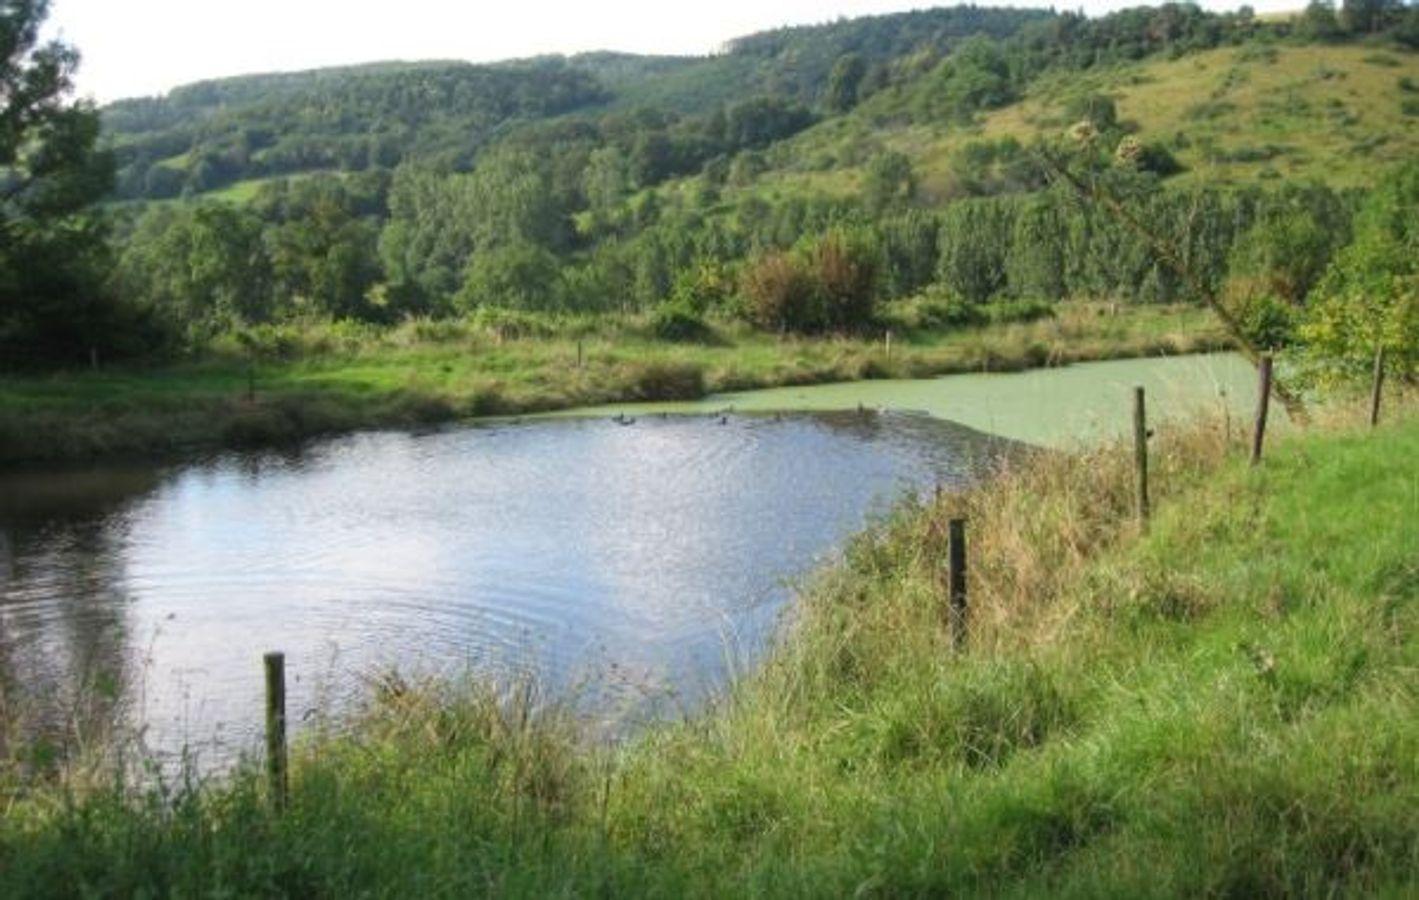 Retenues d'eau : gestion quantitative de la ressource et impacts cumulés